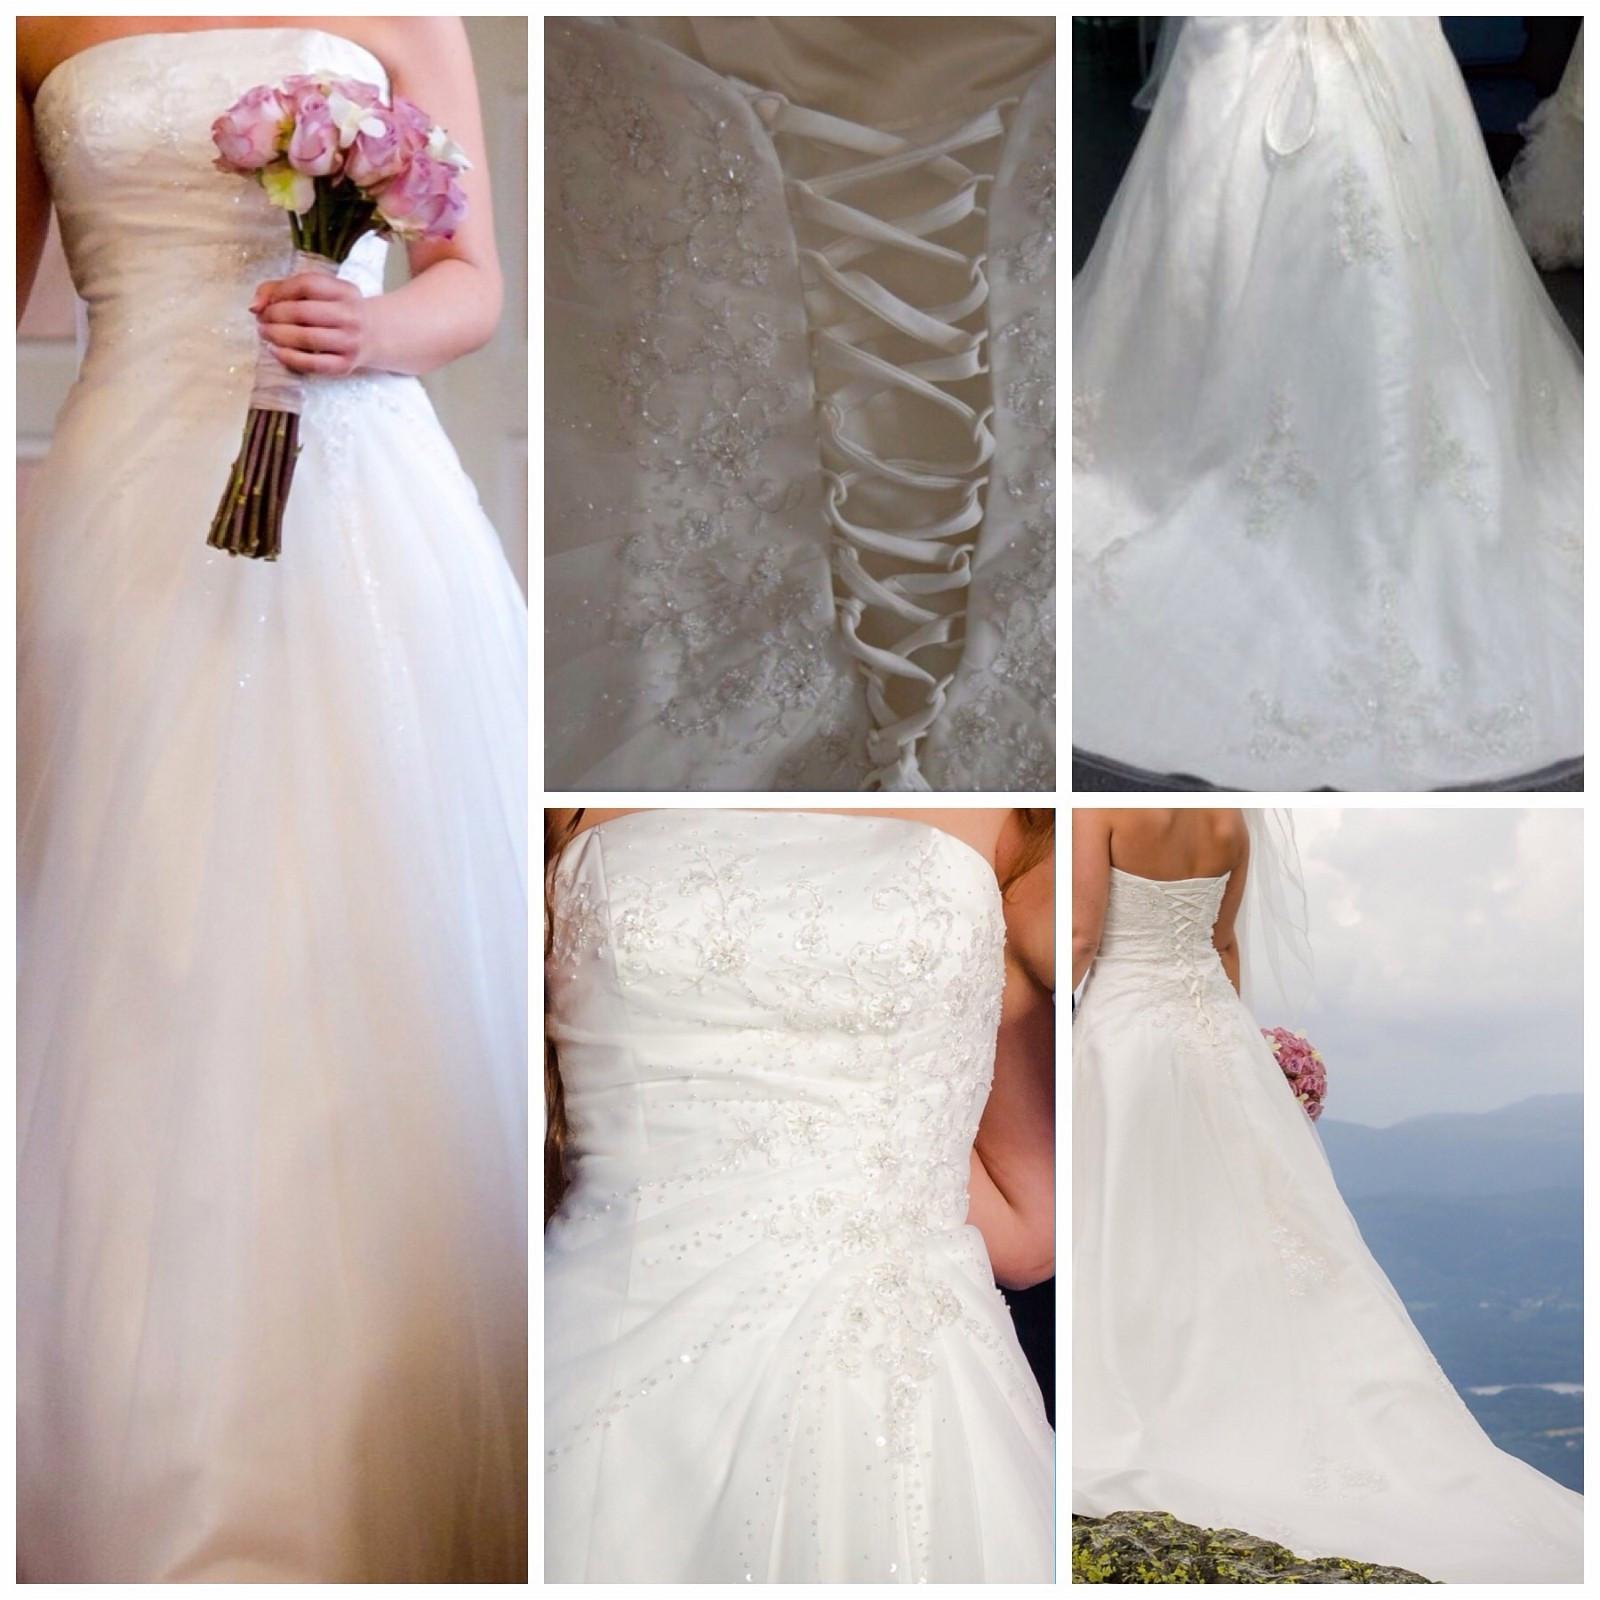 40854b63 Nydelig Agape brudekjole selges | FINN.no